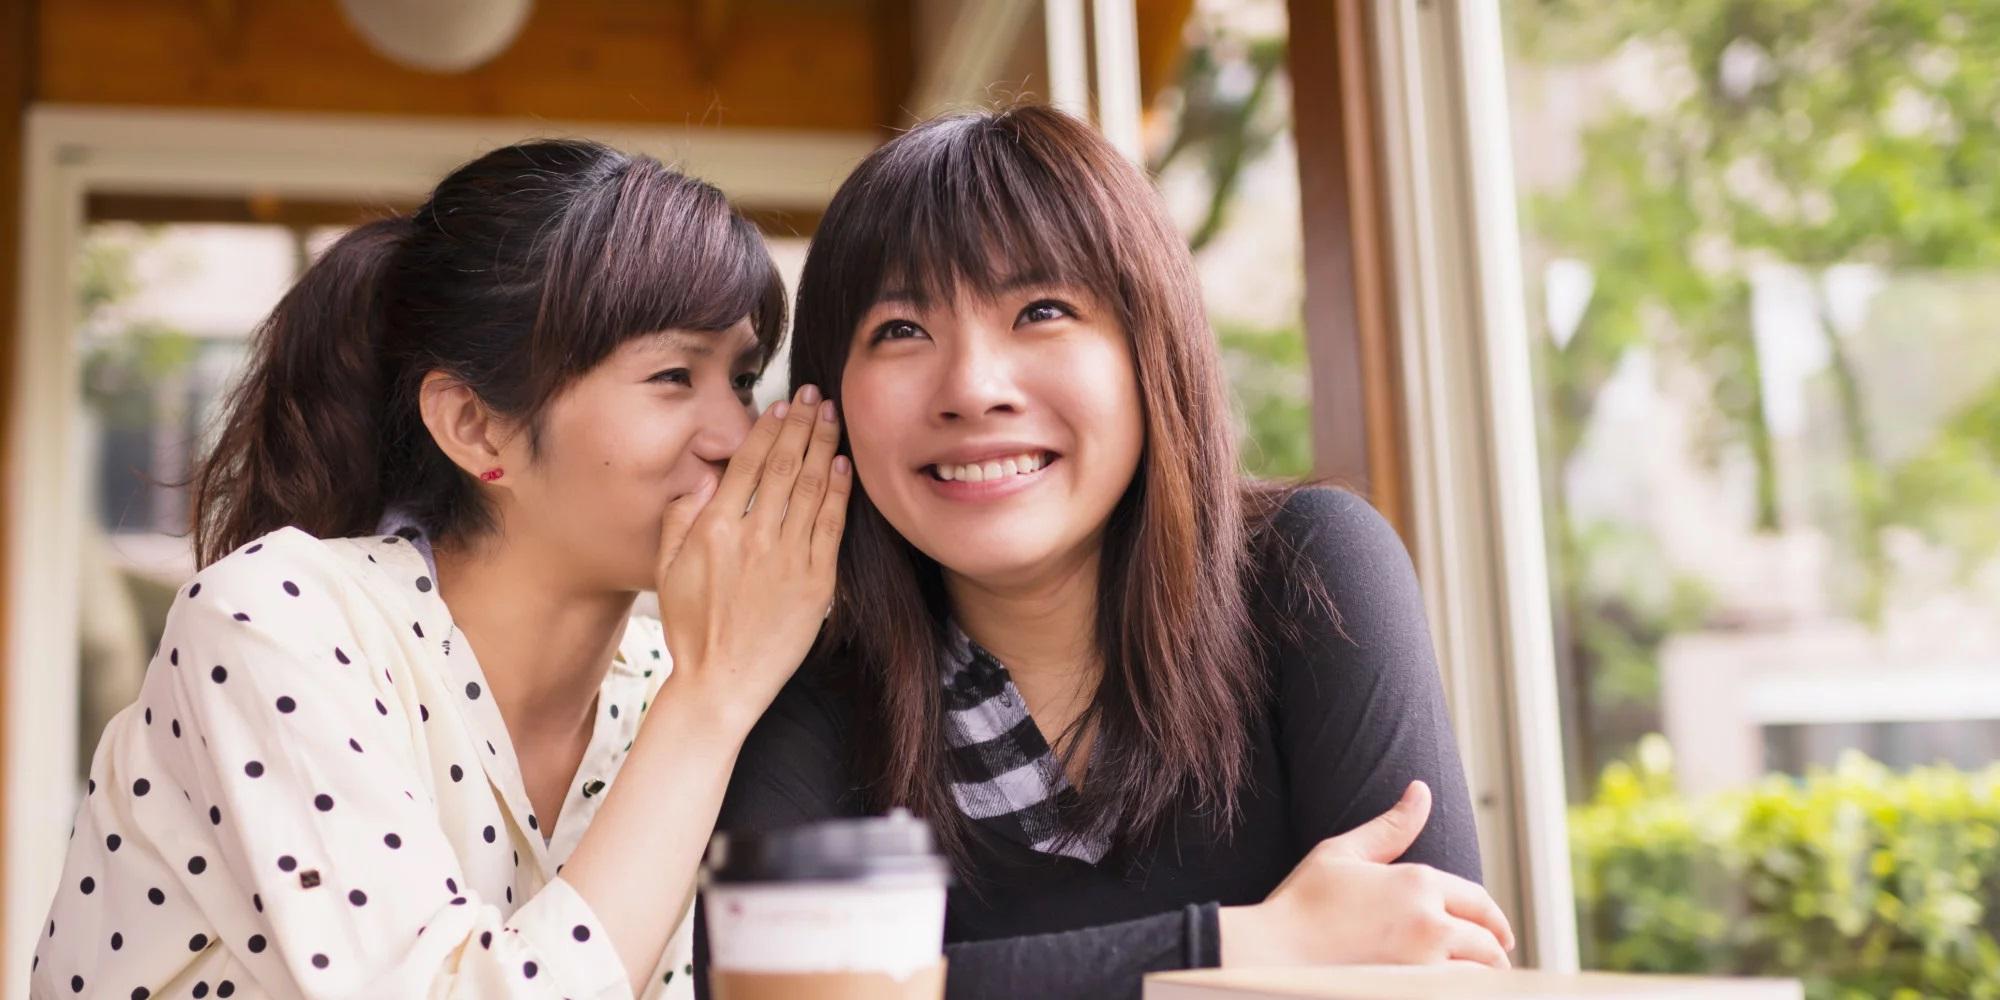 6 lý do bạn không nên chia sẻ chuyện vợ chồng cho bạn bè dù thân đến mấy - Ảnh 2